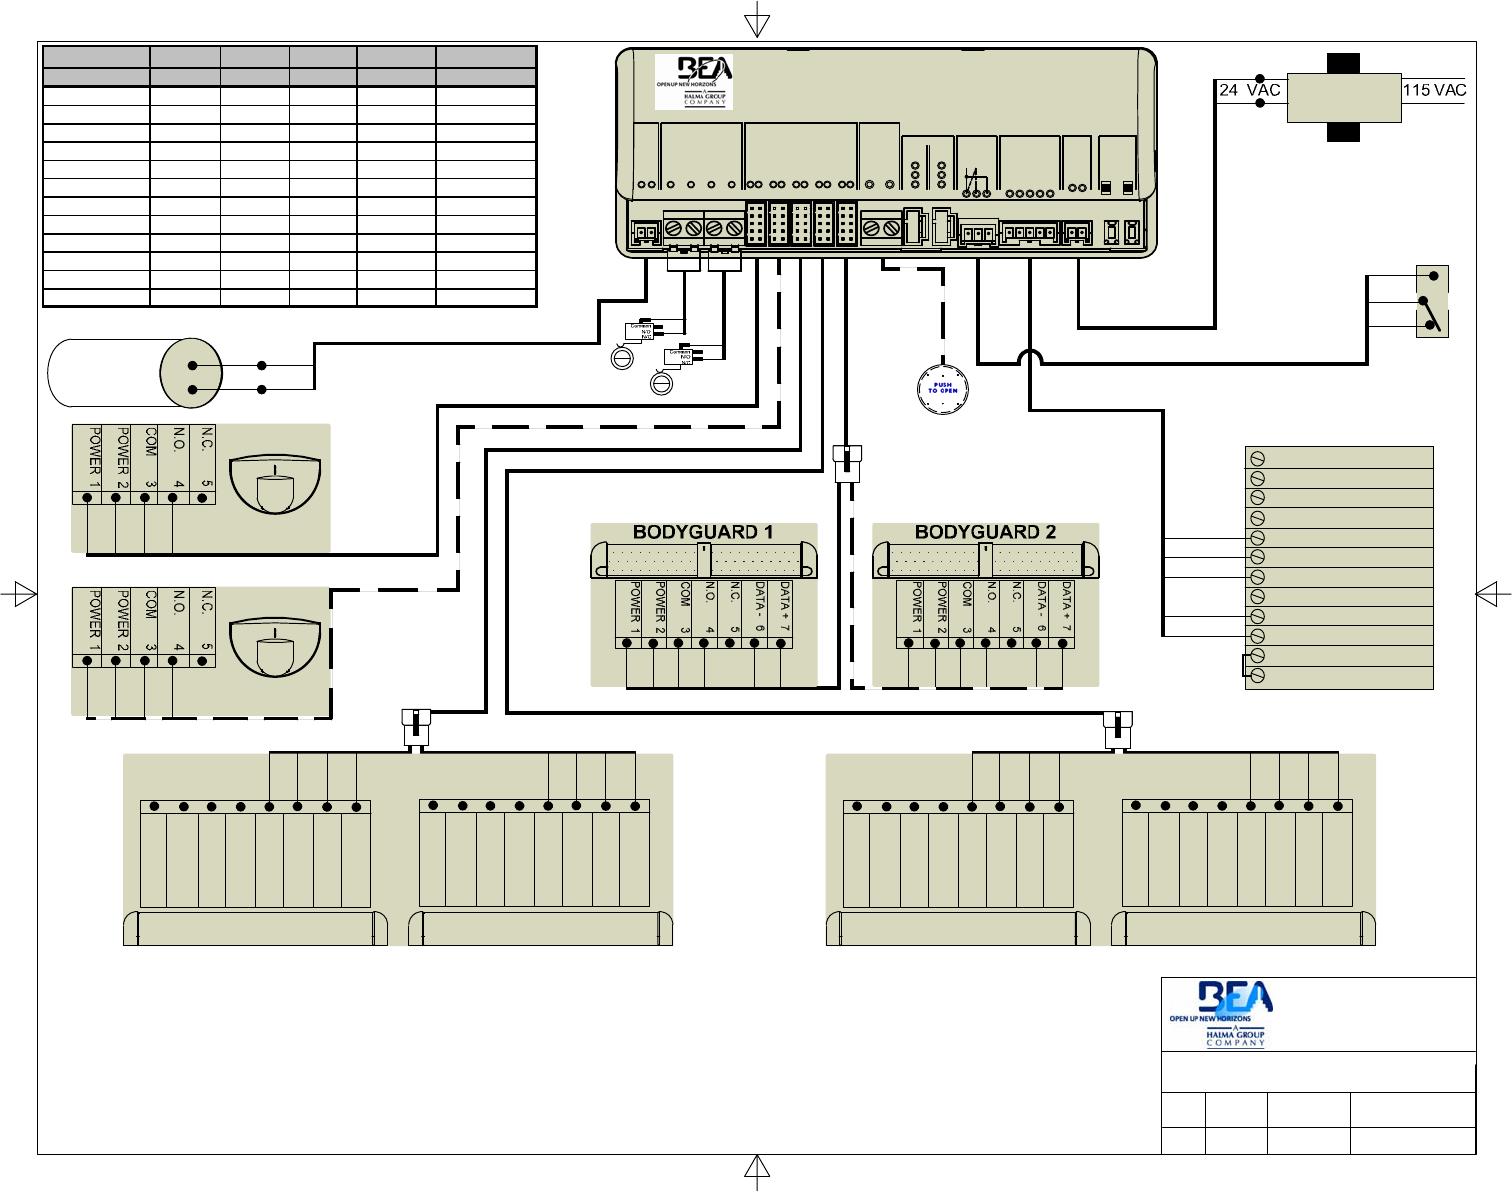 horton automatic door wiring diagram horton image bea 80 0240 04 manual besam 300 400 etik control on horton automatic door wiring diagram